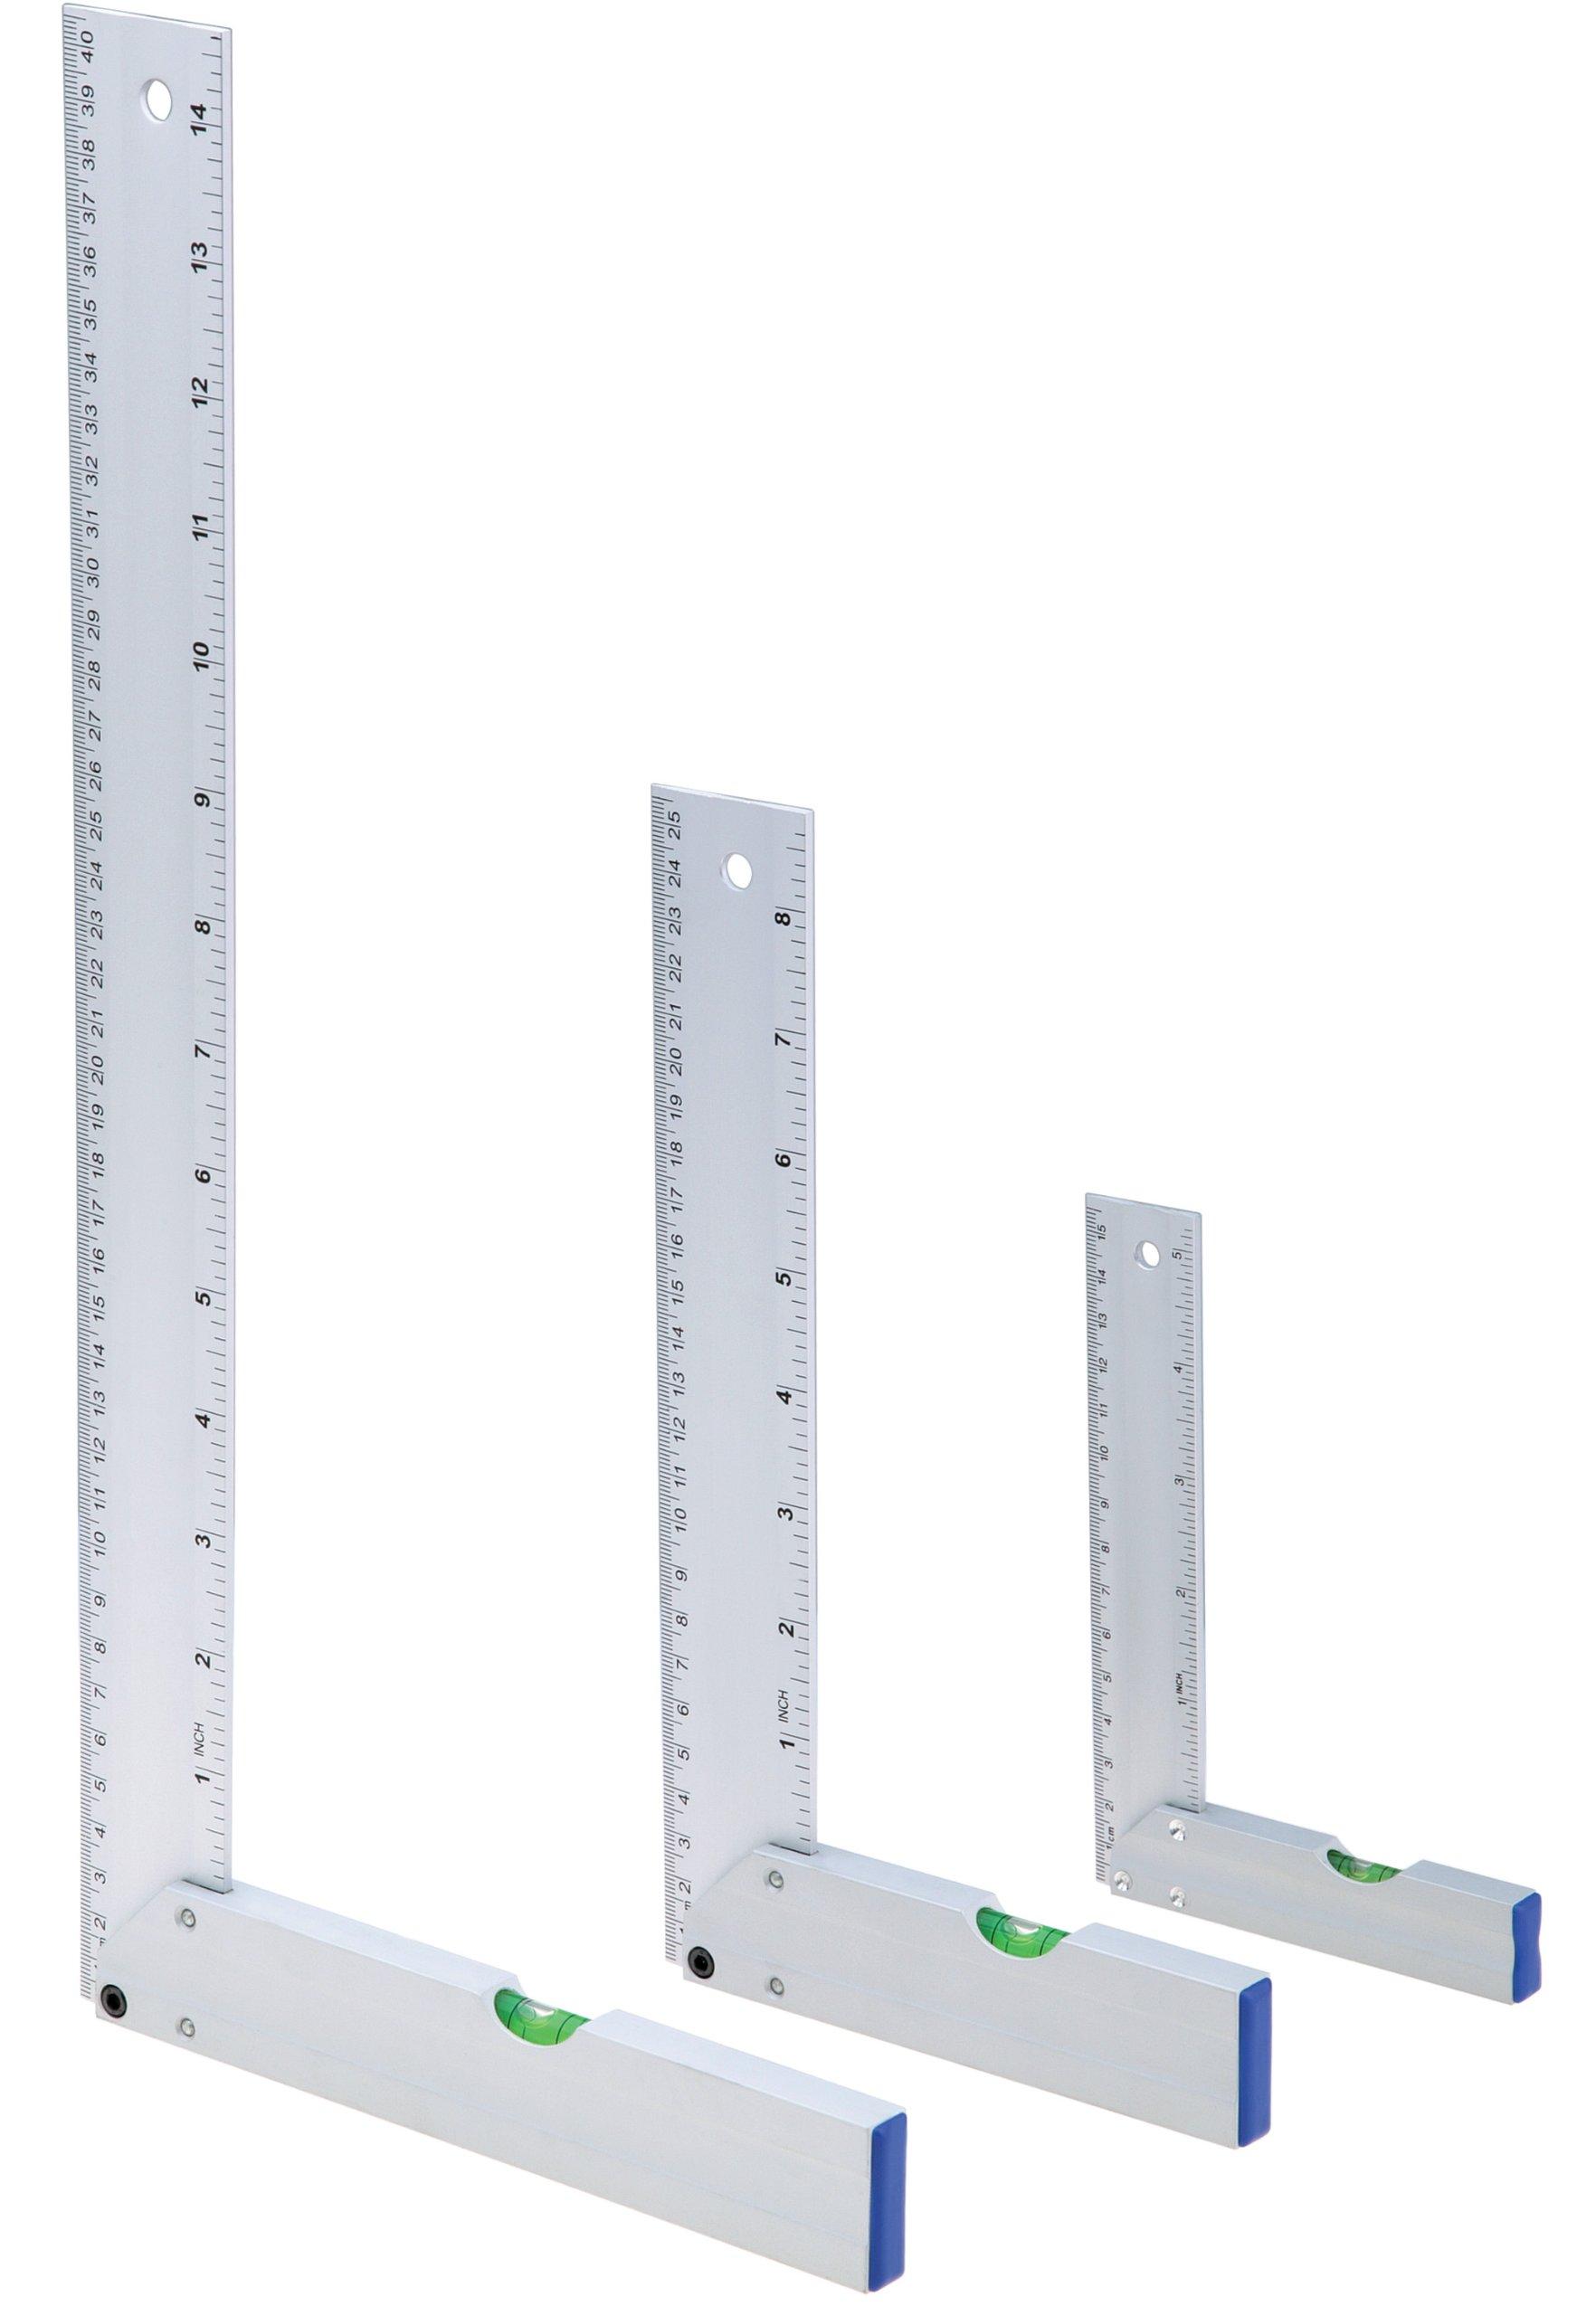 Woodstock D3747 Aluminum Square/Level Set, 3-Piece